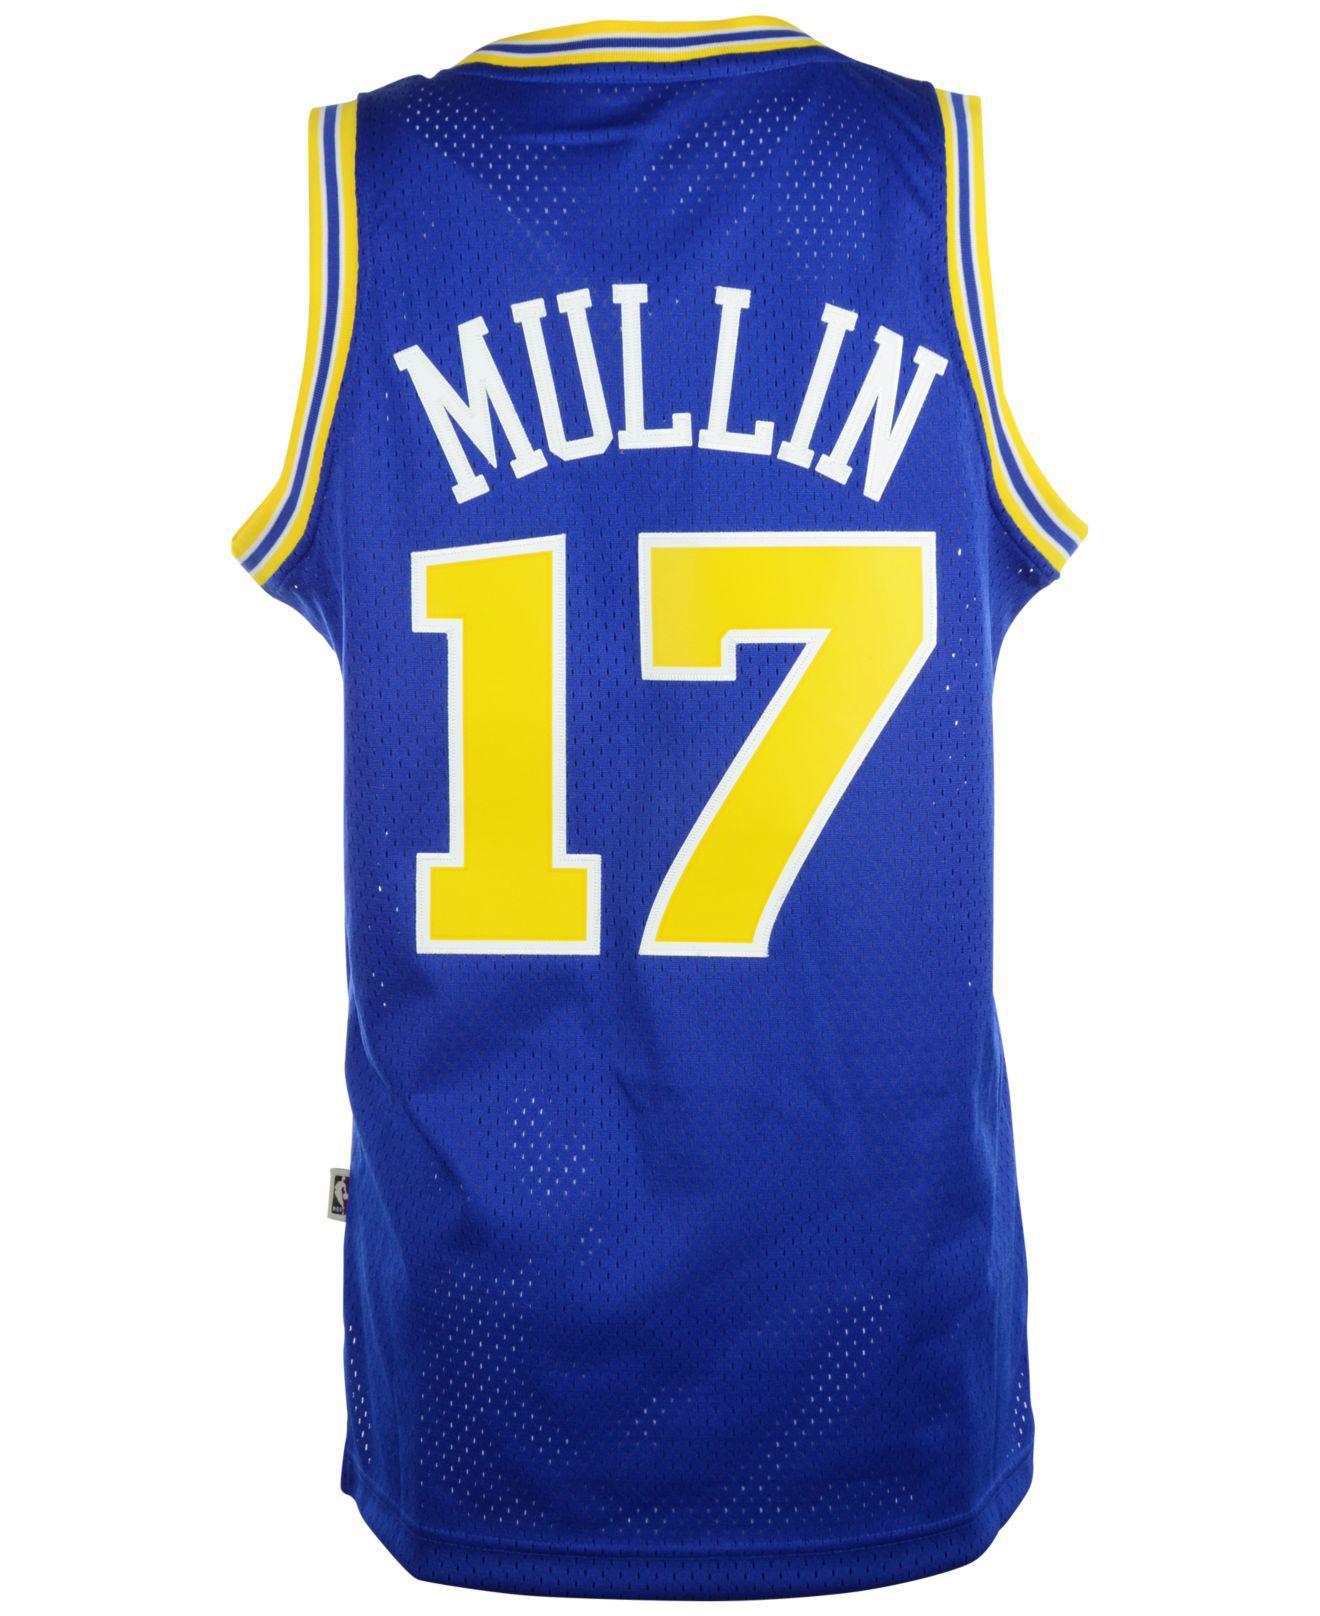 d8fc4e016f3 Adidas - Blue Chris Mullin Golden State Warriors Swingman Jersey for Men -  Lyst. View fullscreen